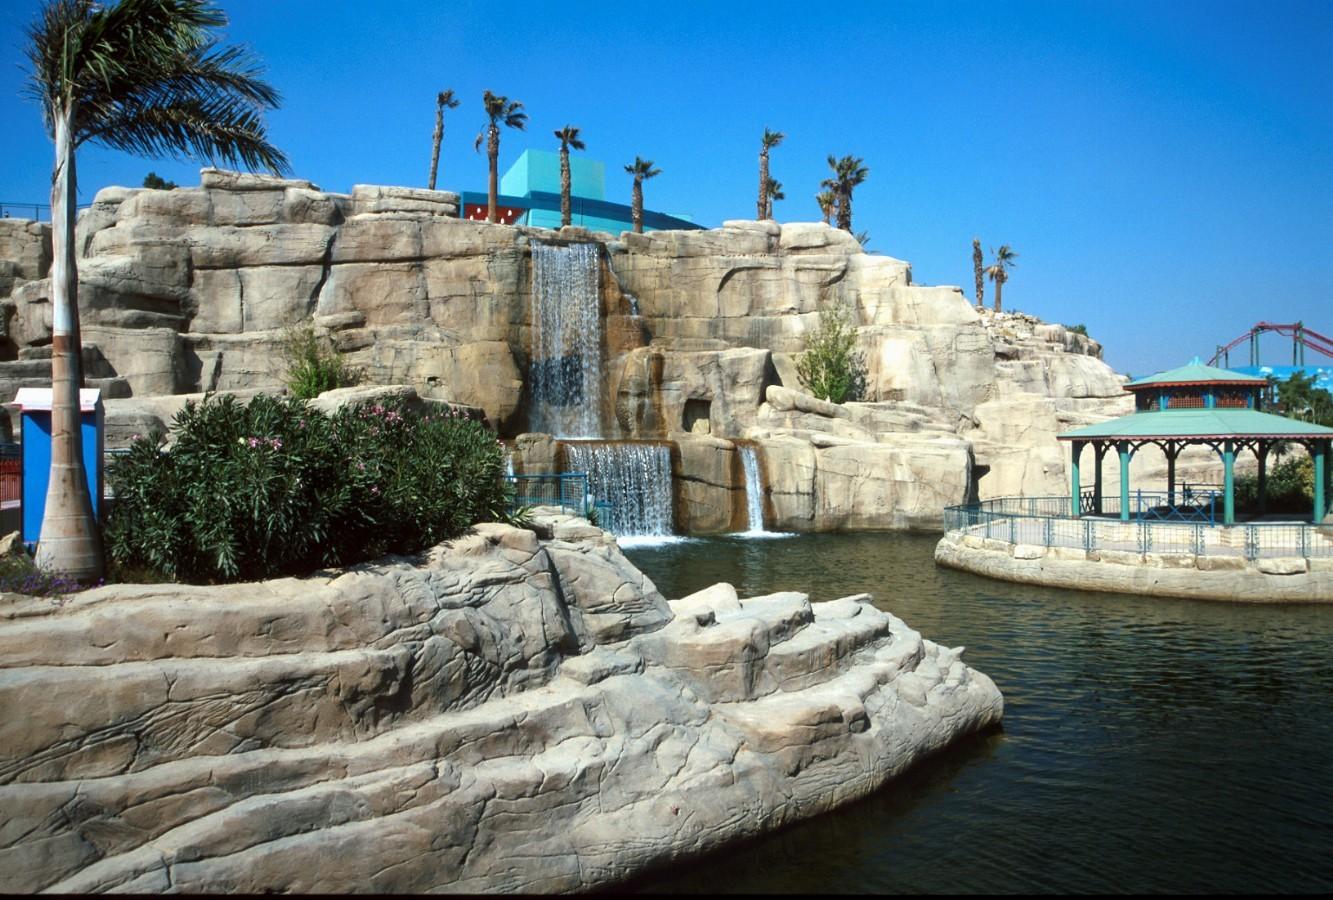 Dreamland - Egitto - Verde Pubblico e Parchi Divertimento